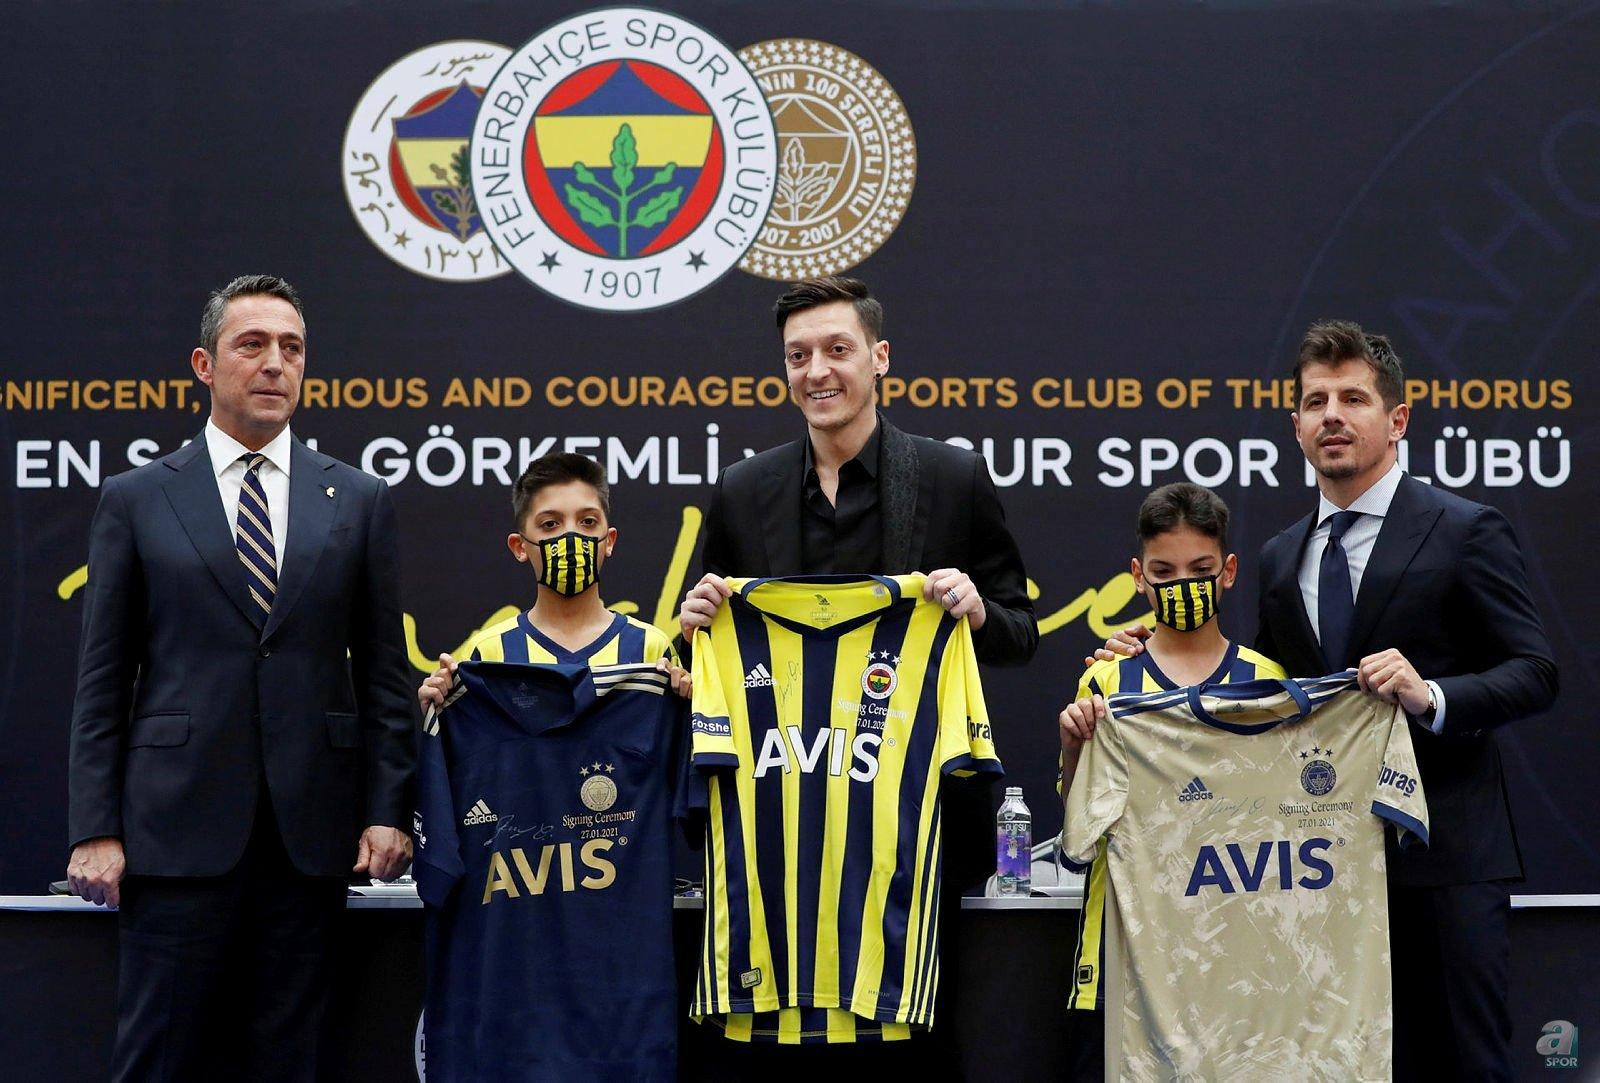 Son dakika spor haberleri: Flaş transfer! Barcelonalı yıldızı Fenerbahçe'ye...